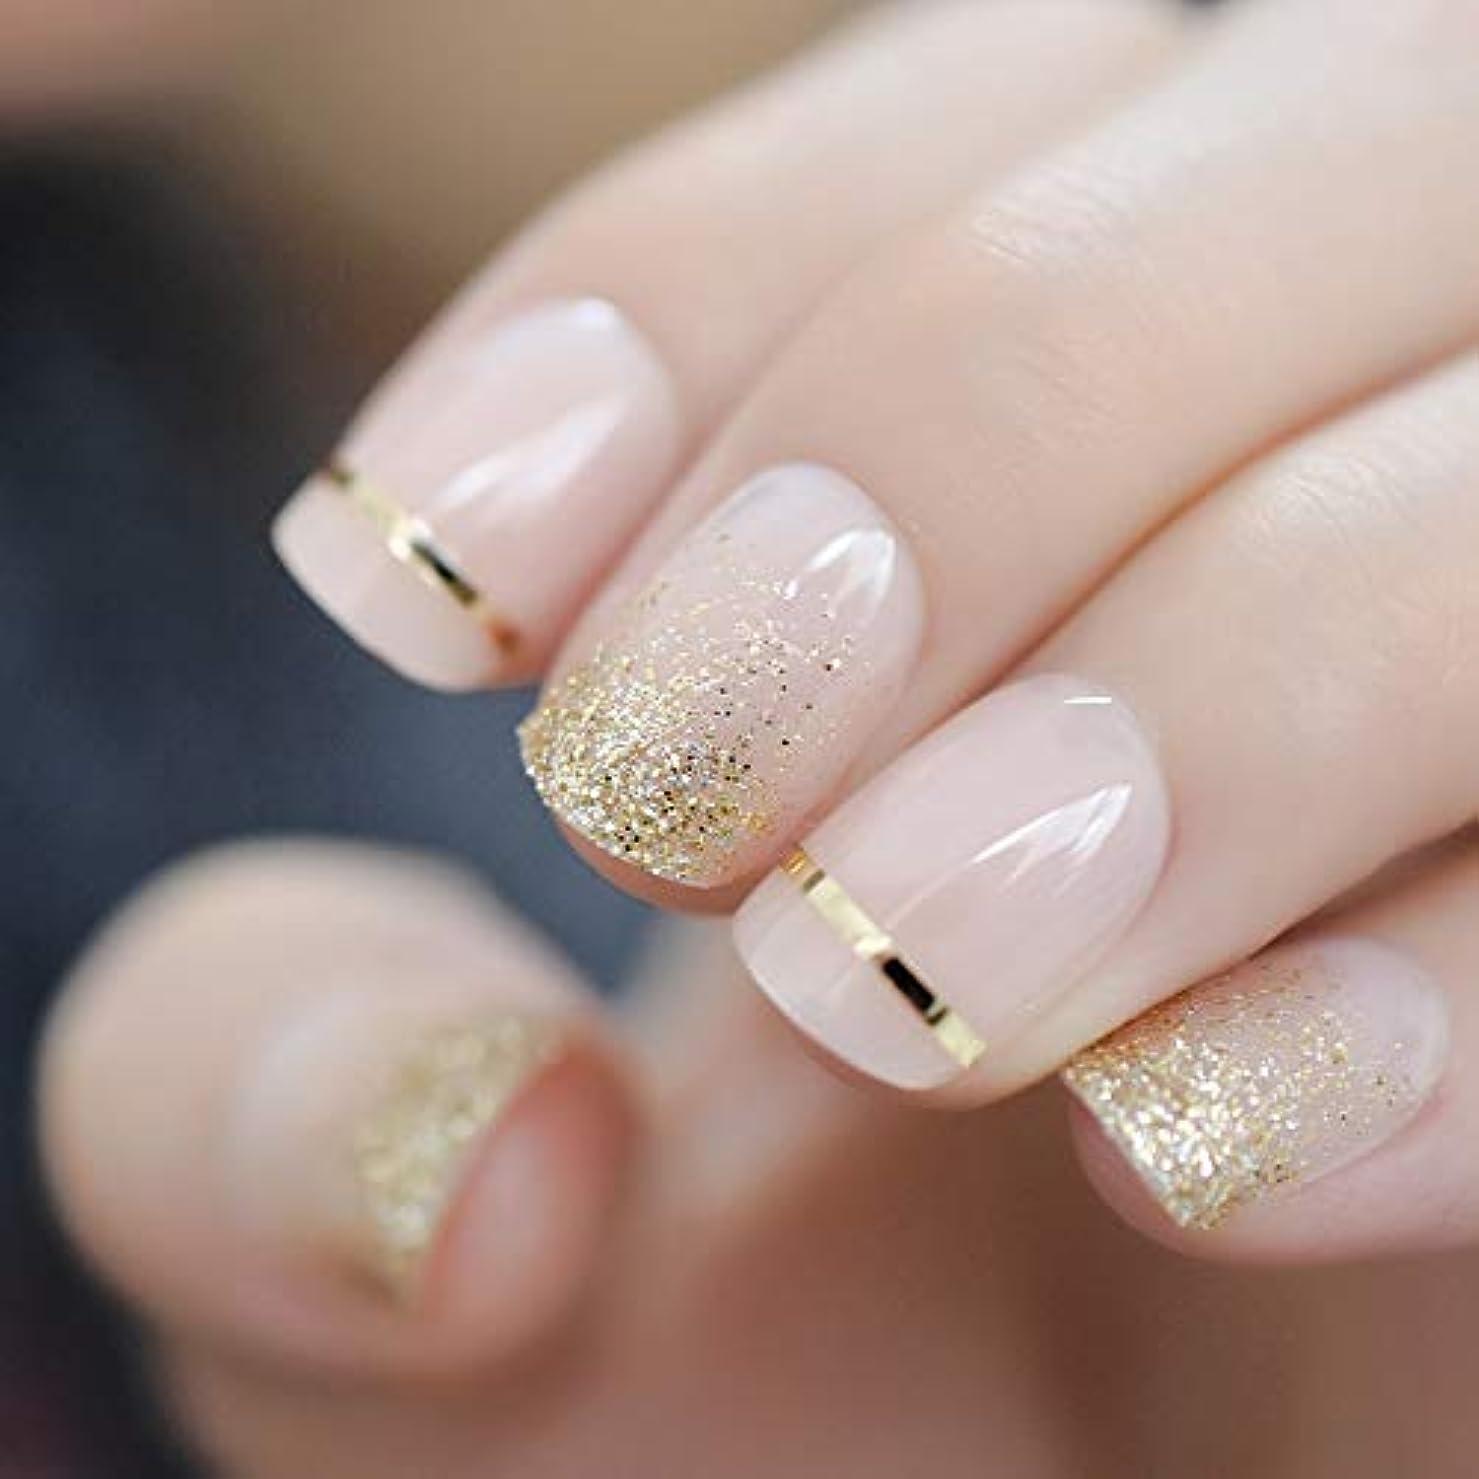 退屈な加速度スタイルXUTXZKA ファッションショートネイルのヒント偽の爪ゴールドキラキラ人工プレス偽の爪に飾られたフルカバー